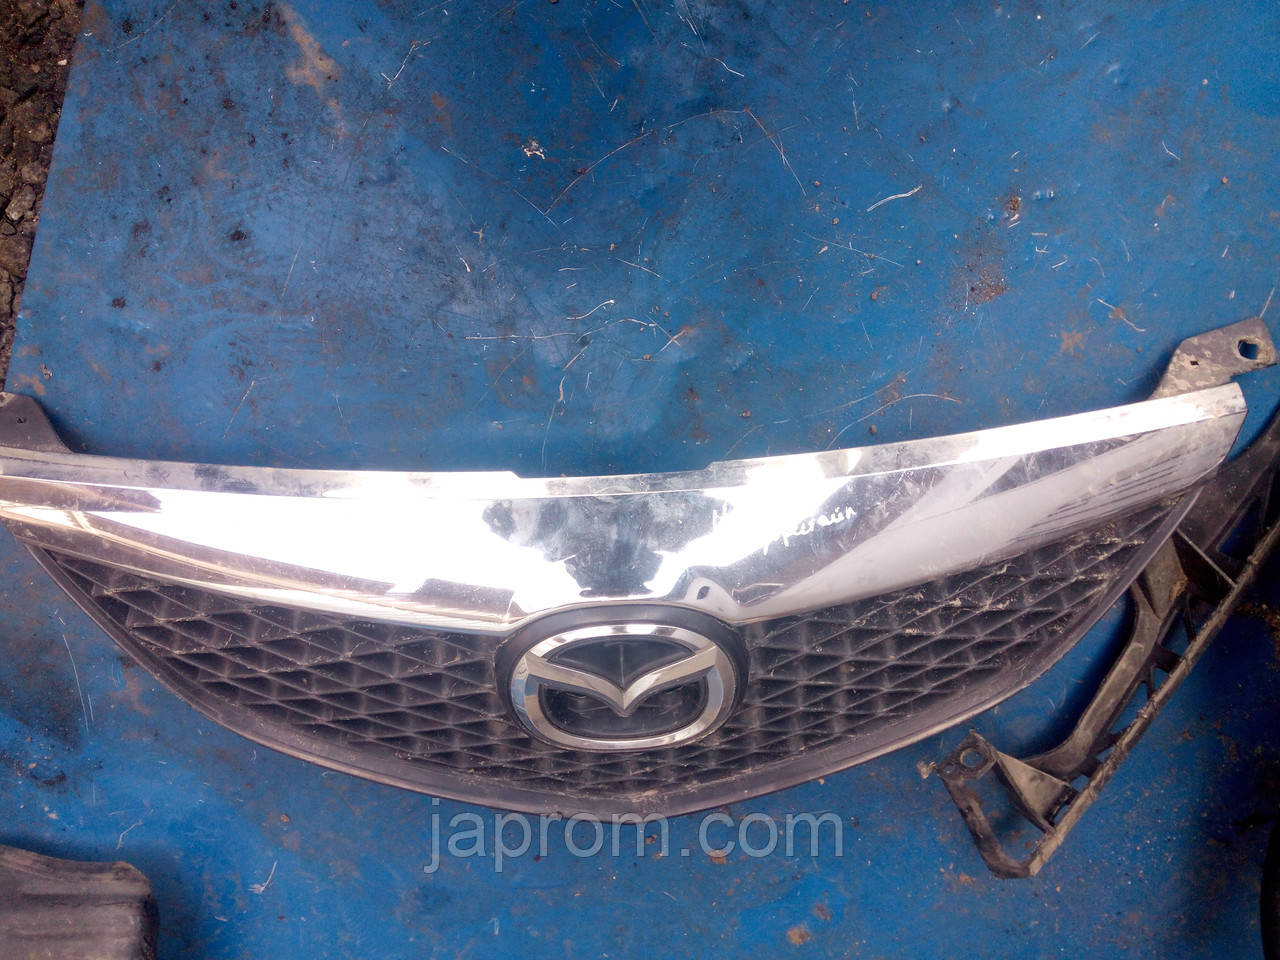 Решетка радиатора Mazda 6 GG 2002-2005г.в.